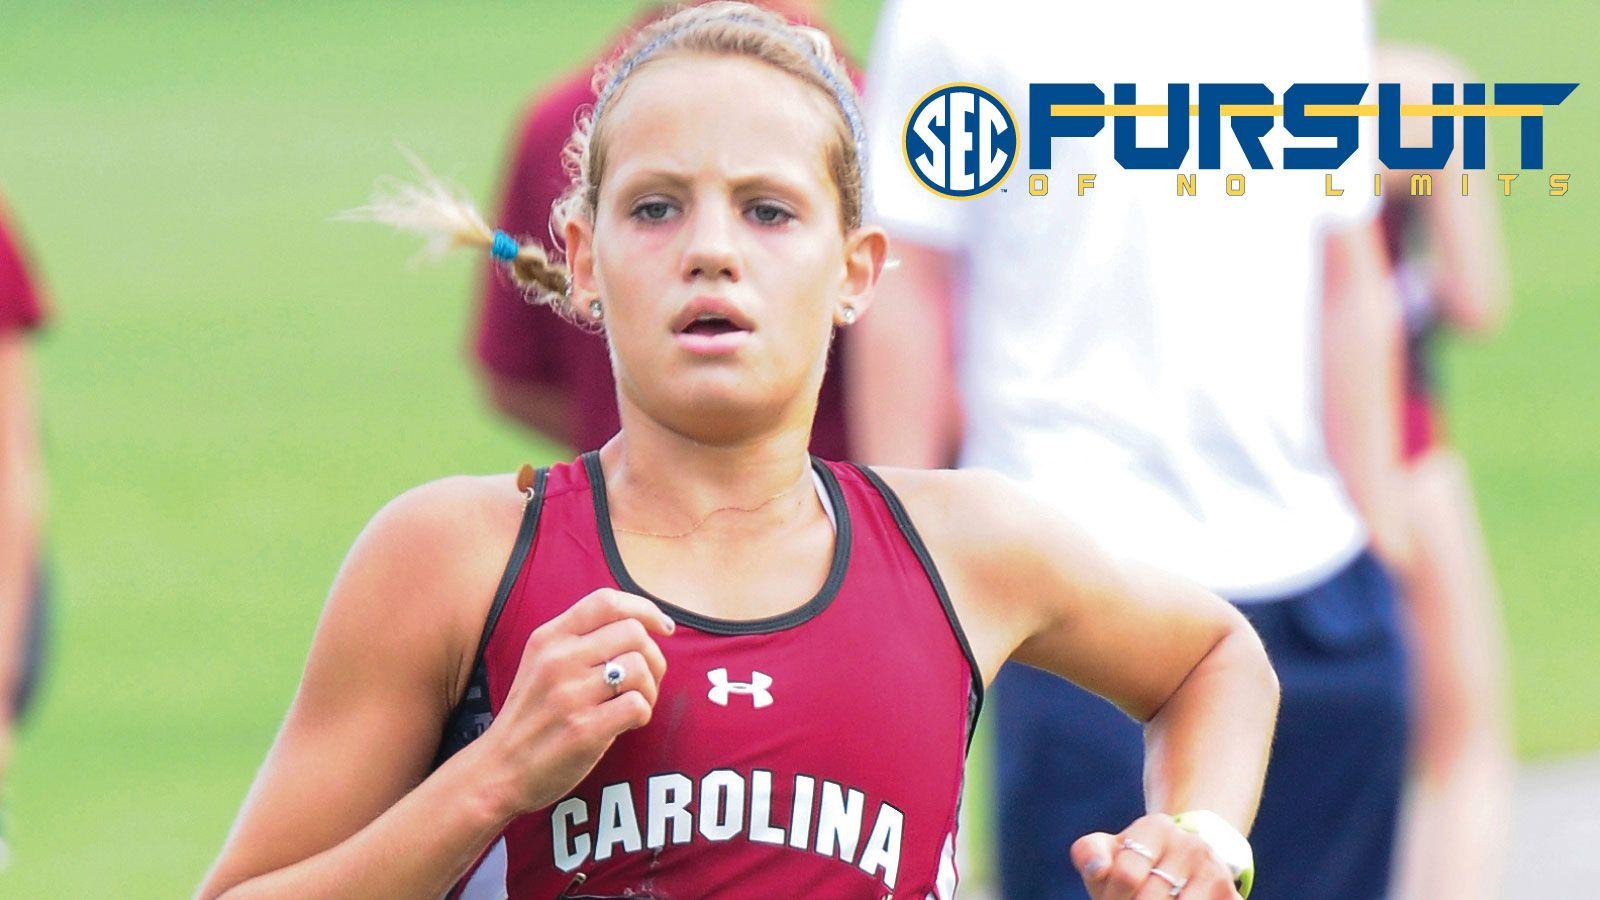 #SECPursuit: South Carolina's Mary Reiser